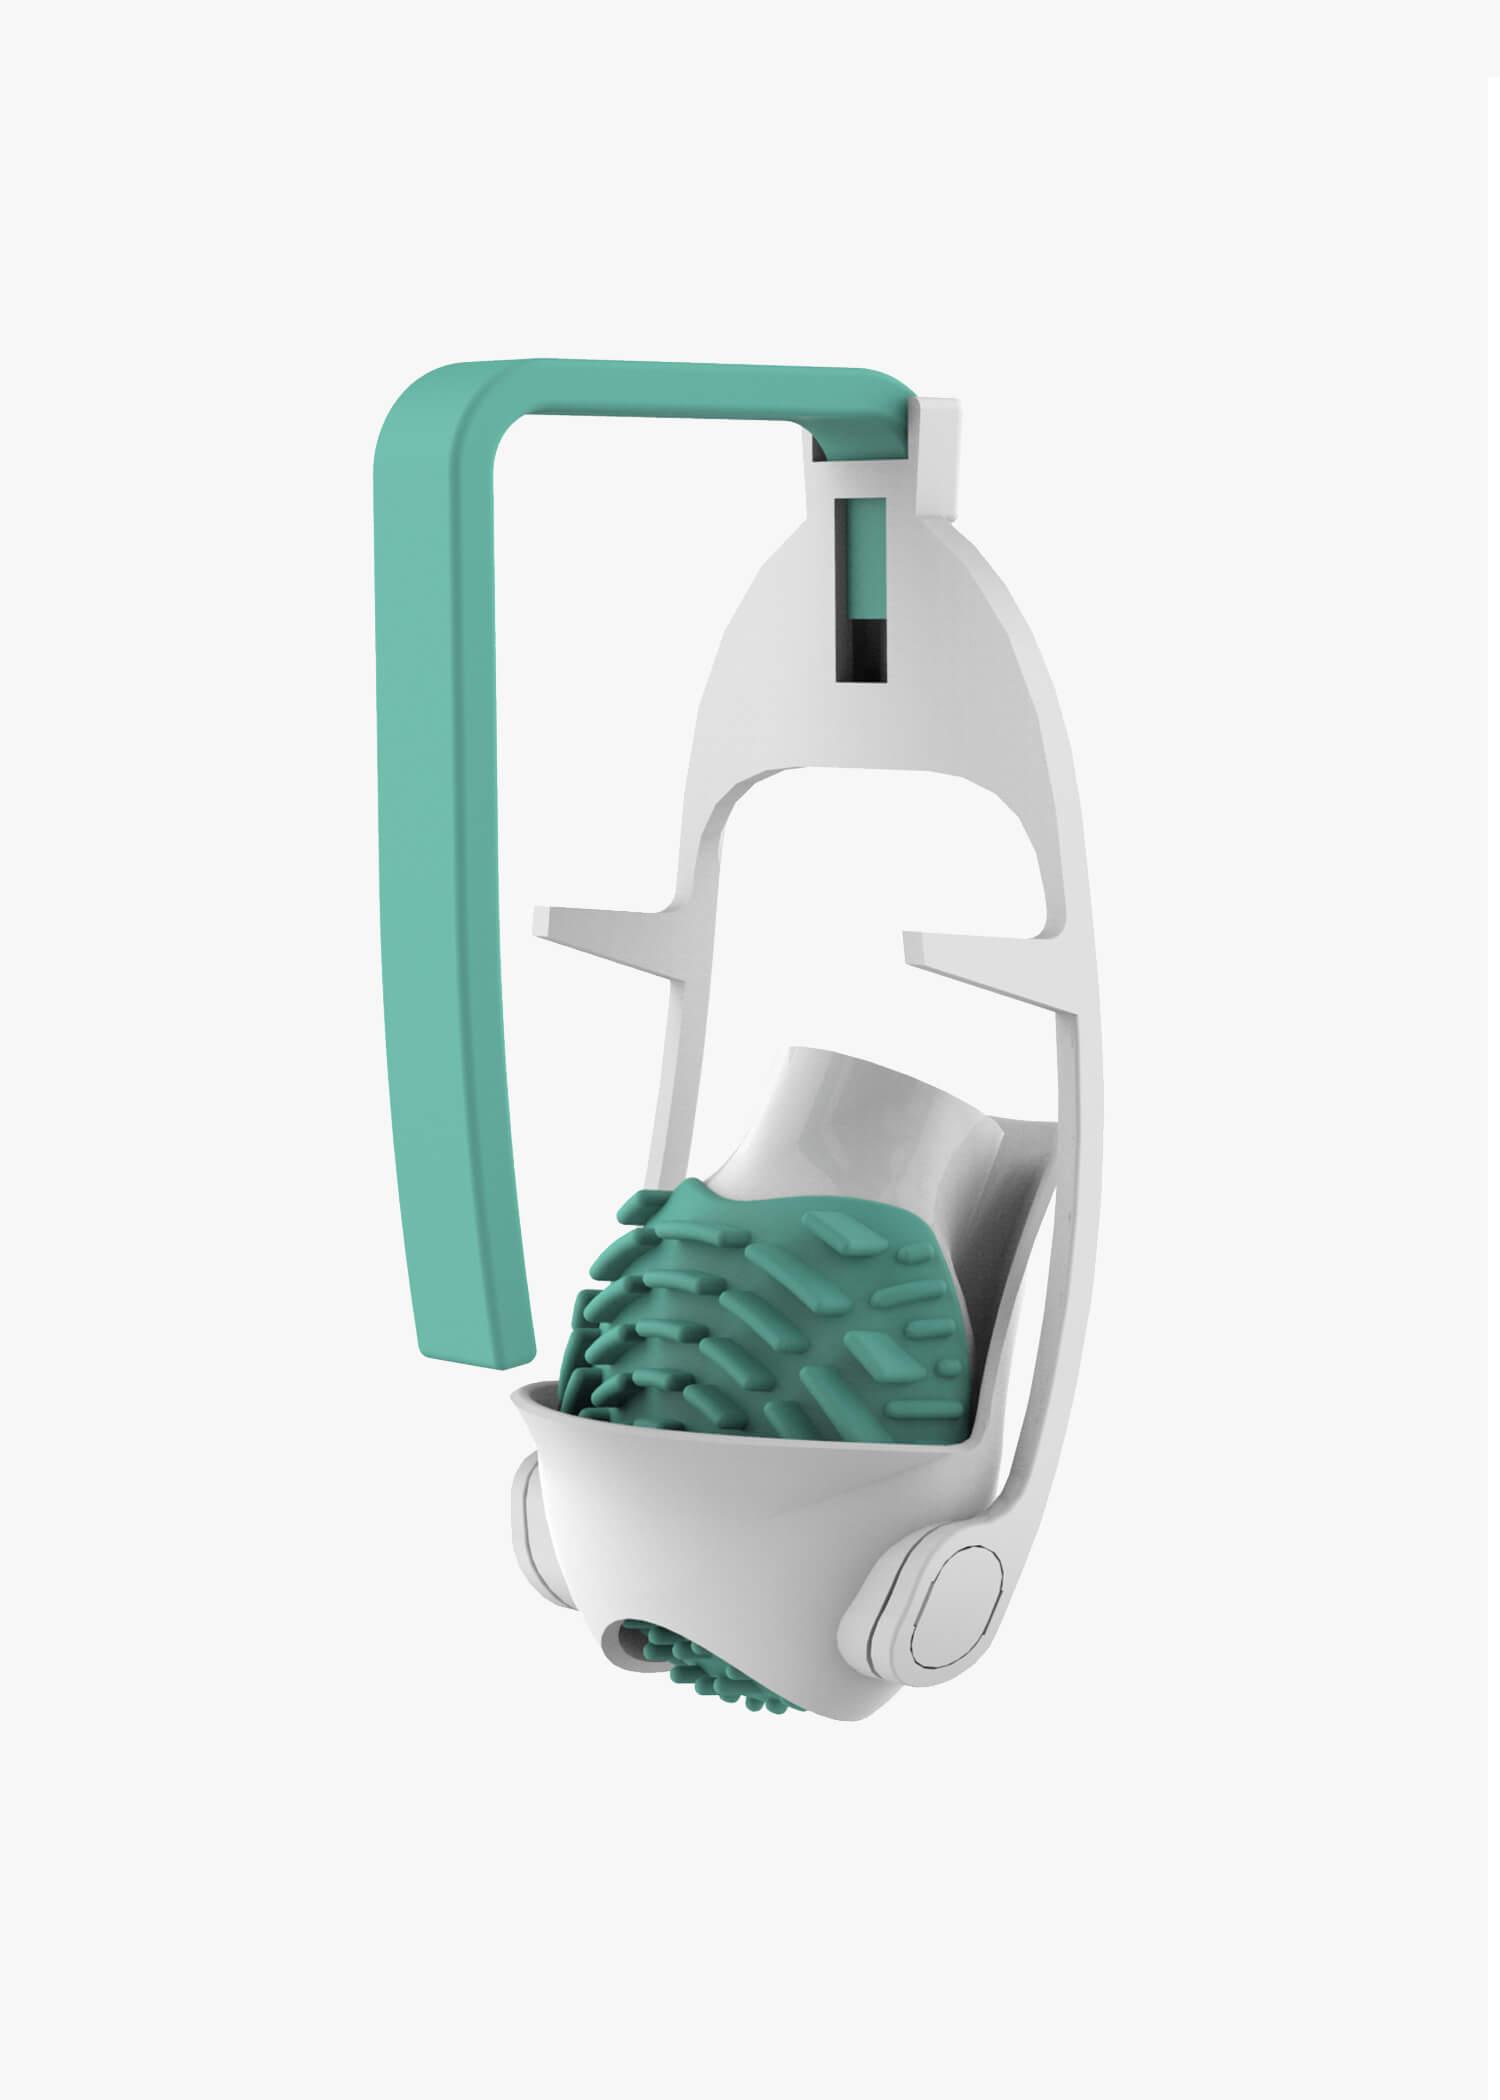 Flushbrush product design holder